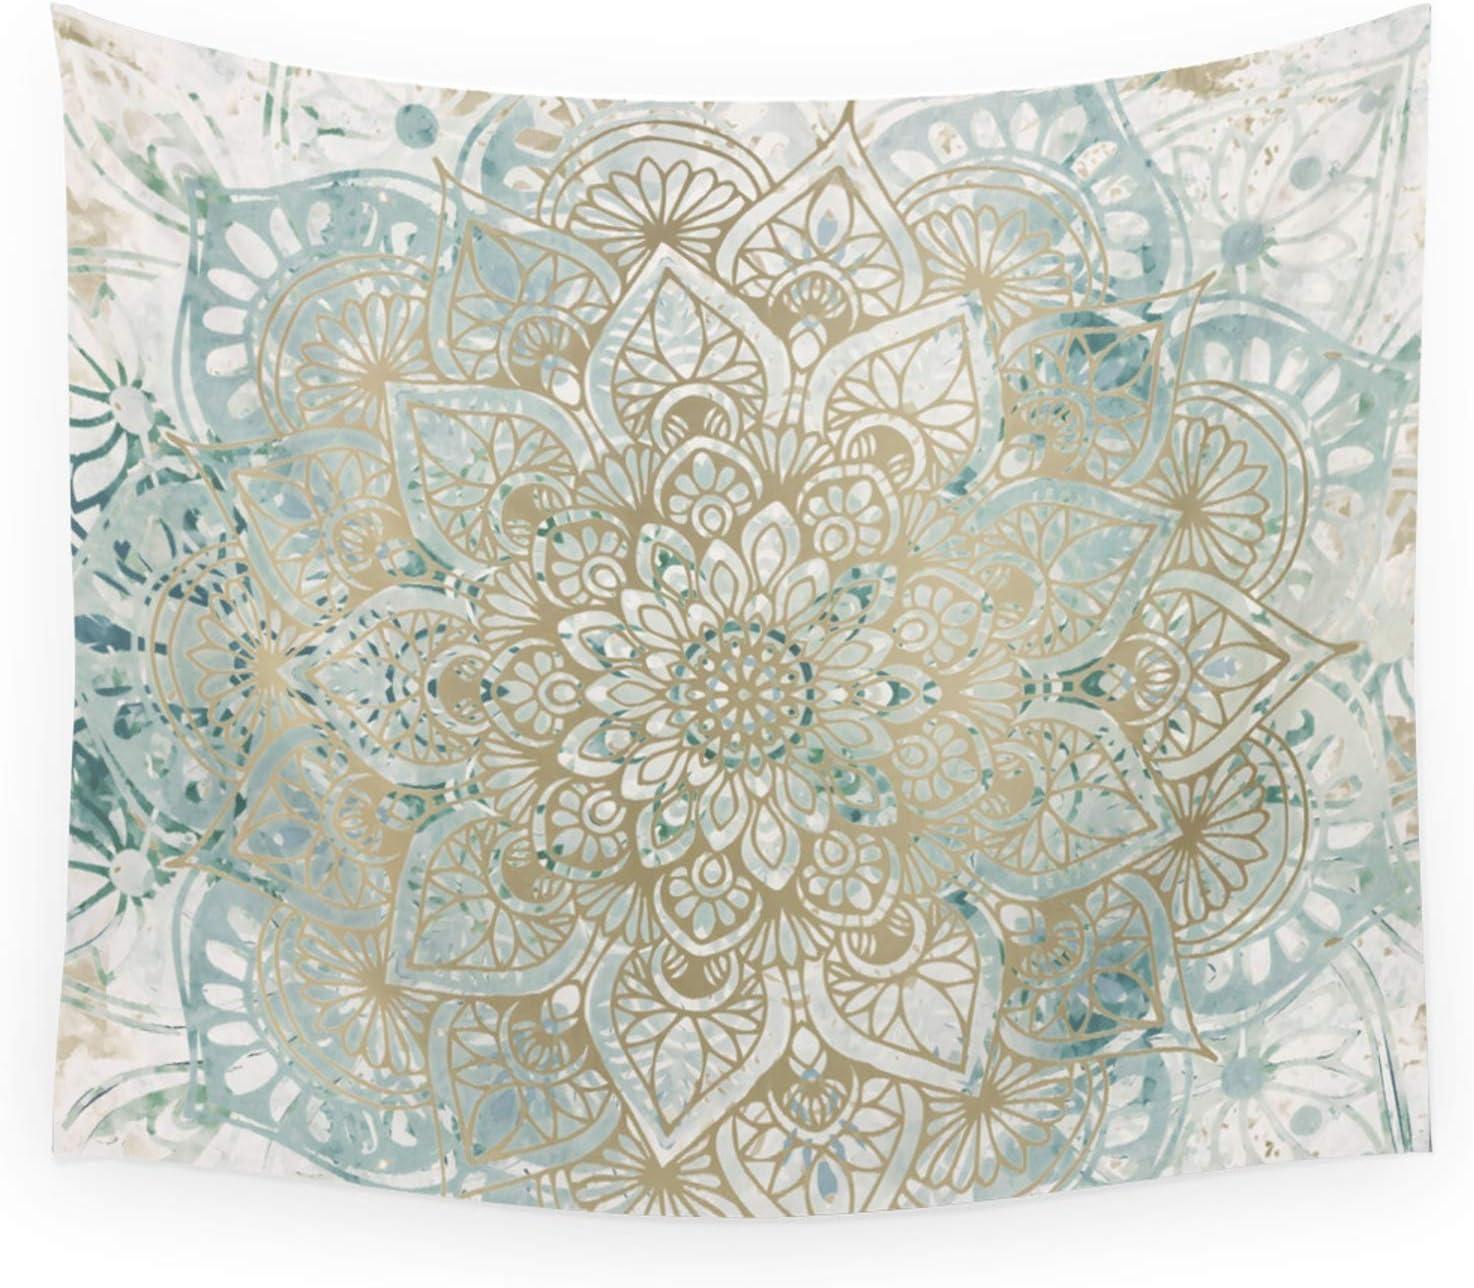 Society6 Yoga Mandala Teal and Gold Direct store Mo Wall Boho Popular Art Megan by